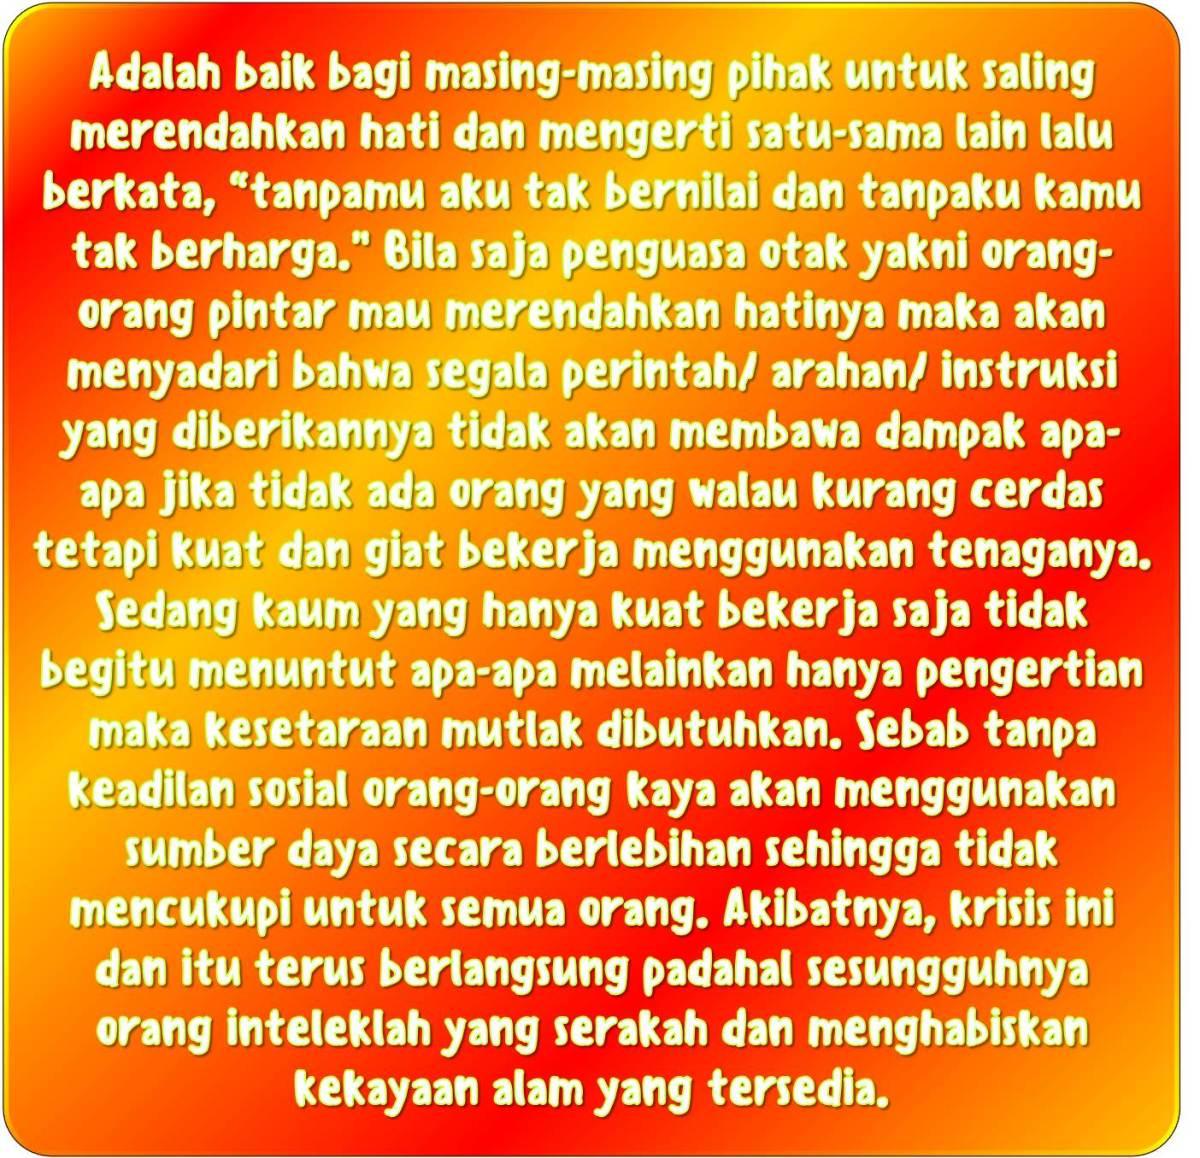 Hal Yang Tidak Bisa Dilakukan Orang Pintar Jika Semua Cerdas Siapa Jadi Pengusaha Cleaning Service Hidup Kesetaraan Menang Bersama Indonesia Strong From